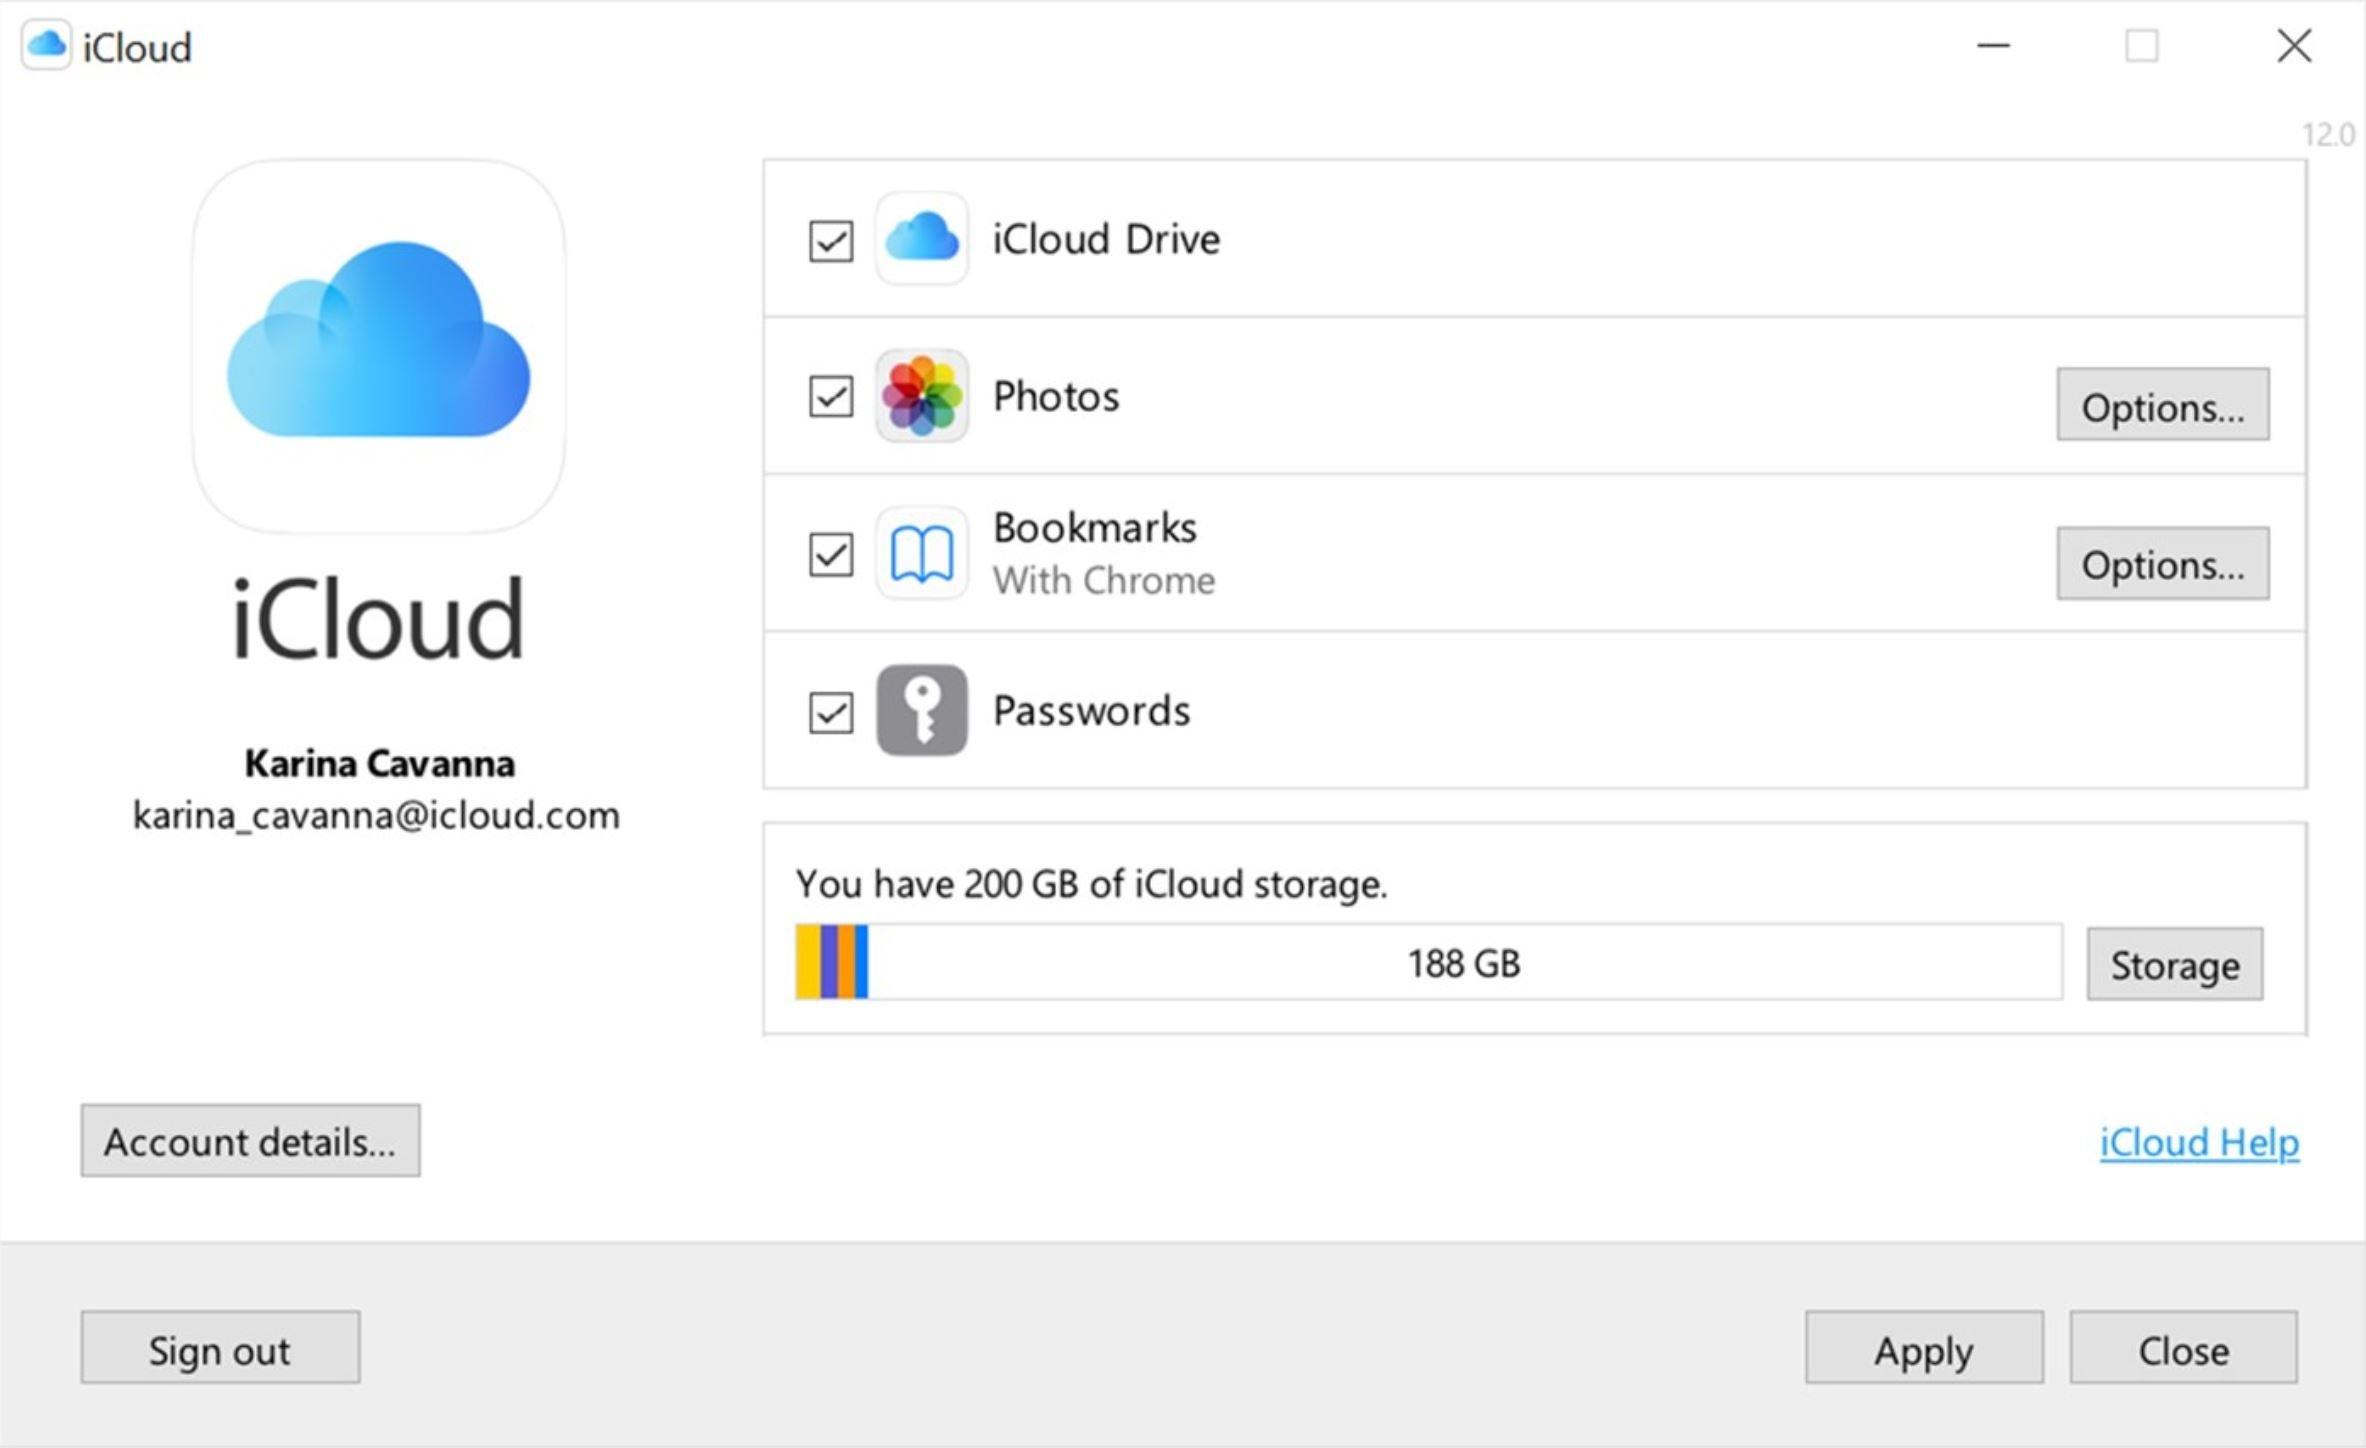 Apple iCloud Windows app